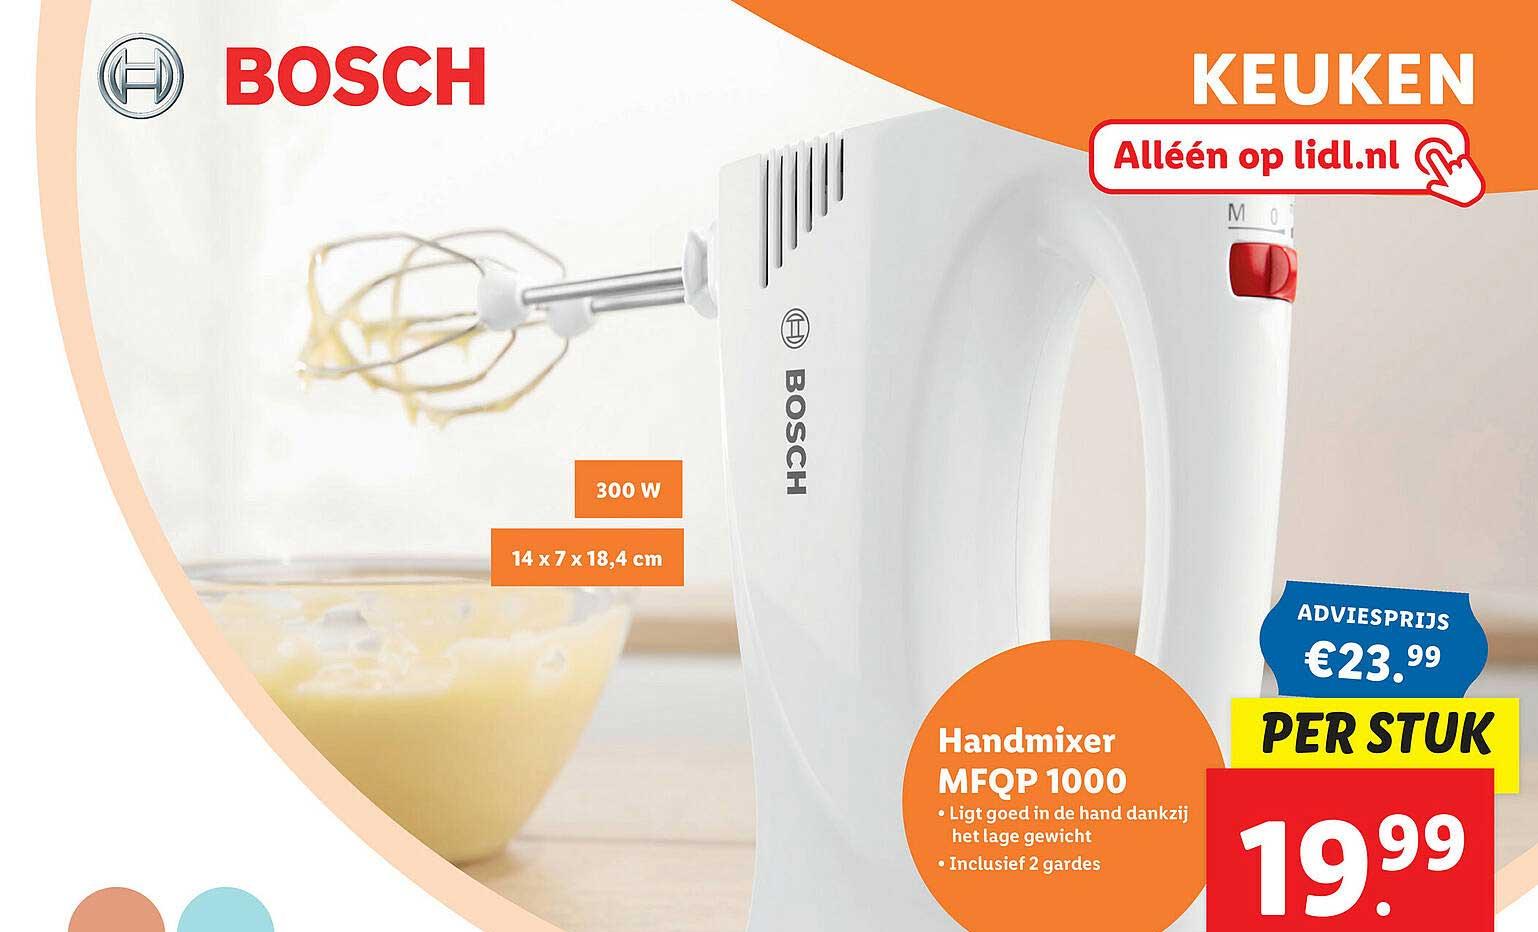 Lidl Shop Bosch Handmixer MFQP 1000